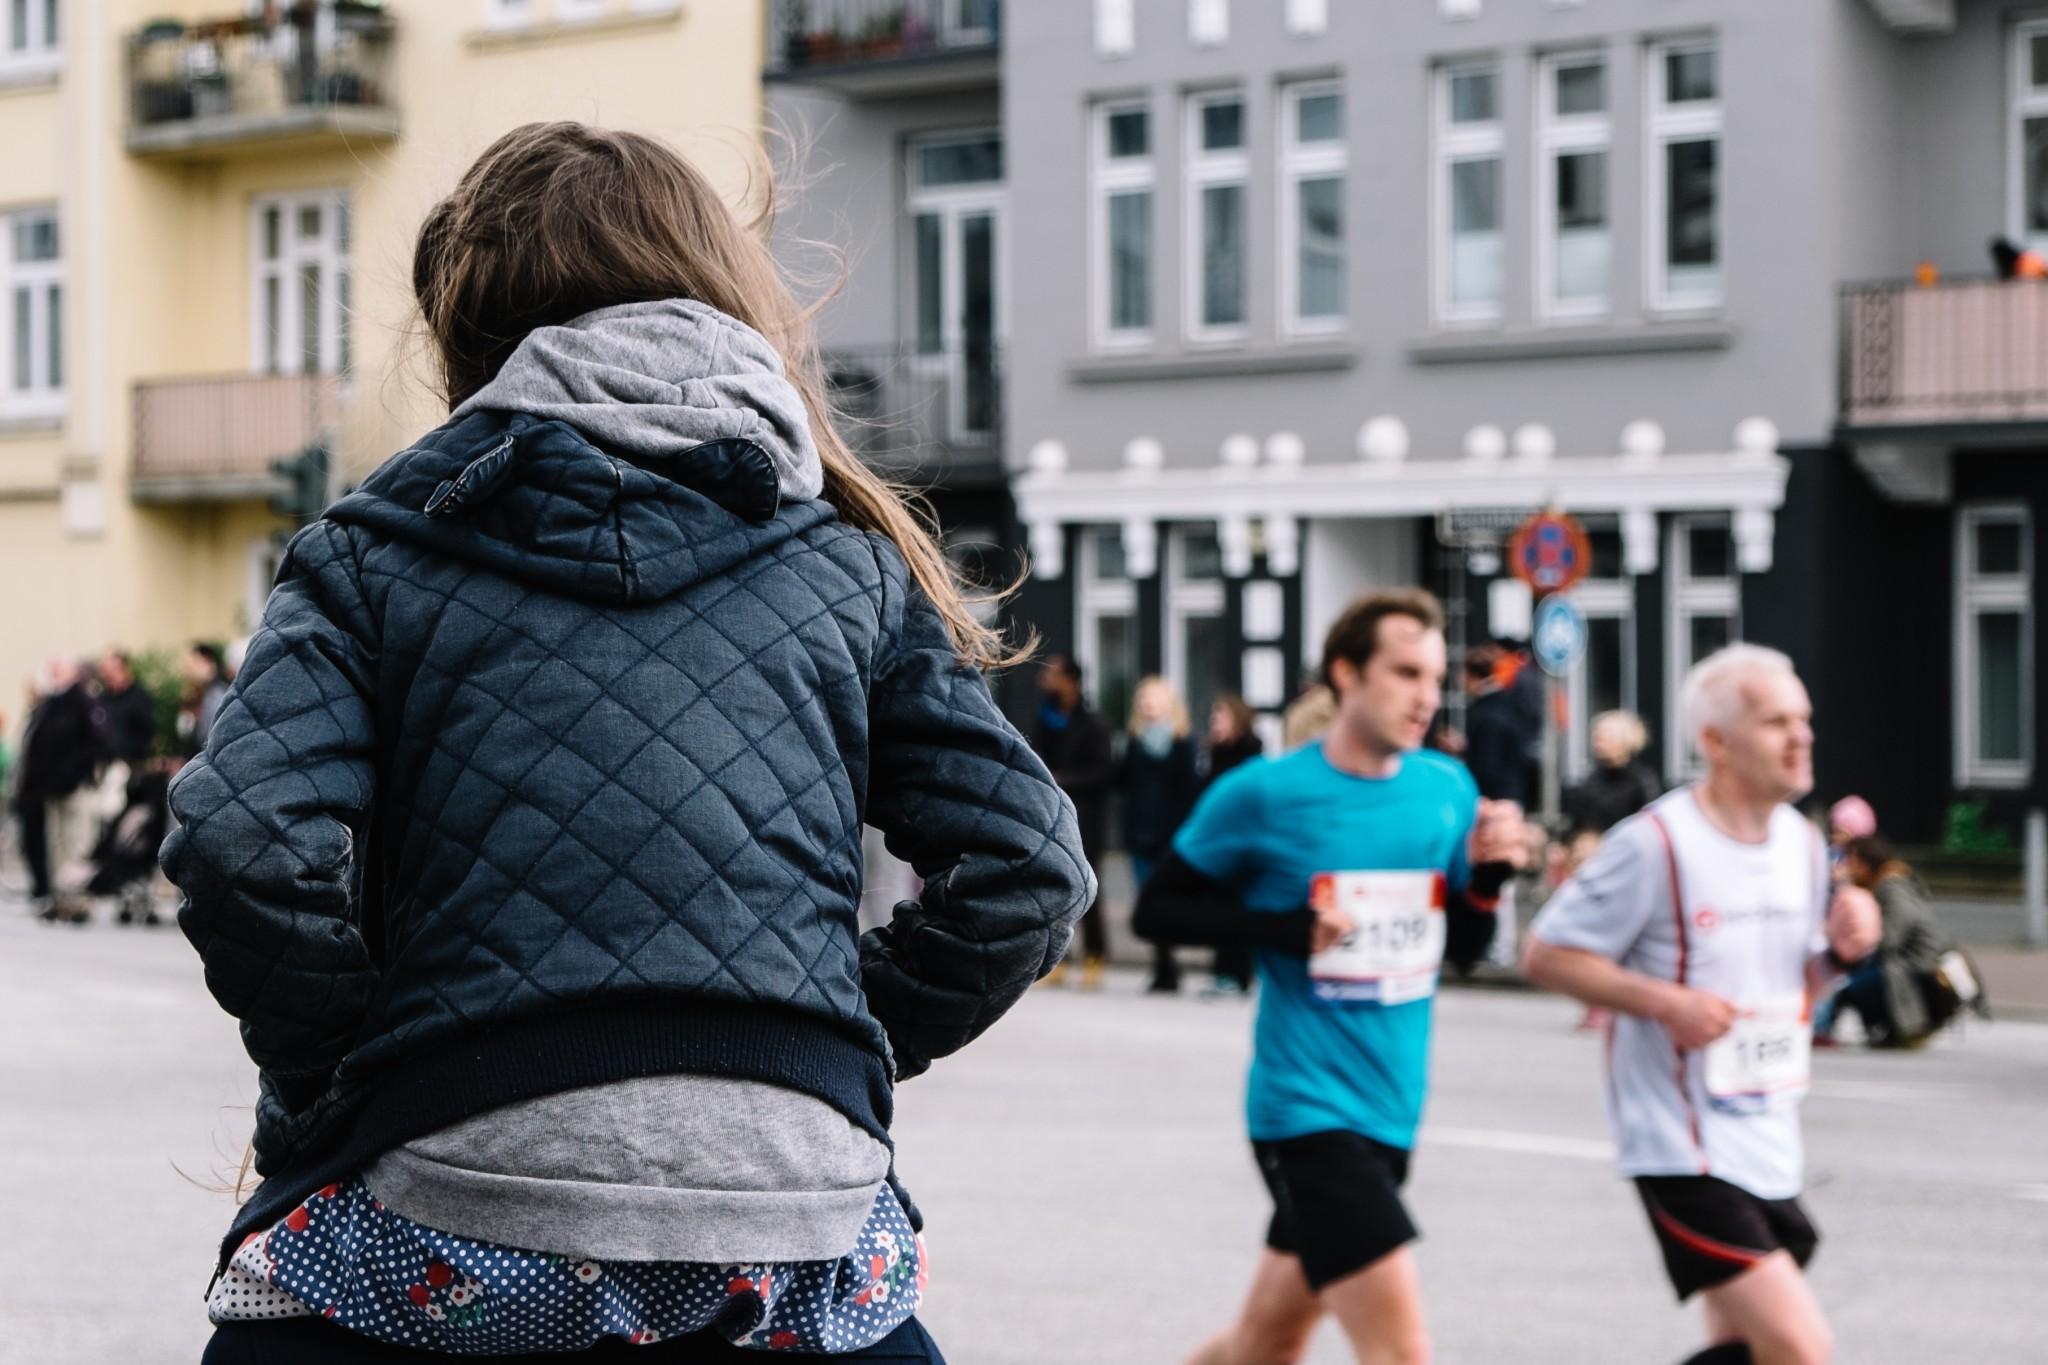 haspamarathon20166